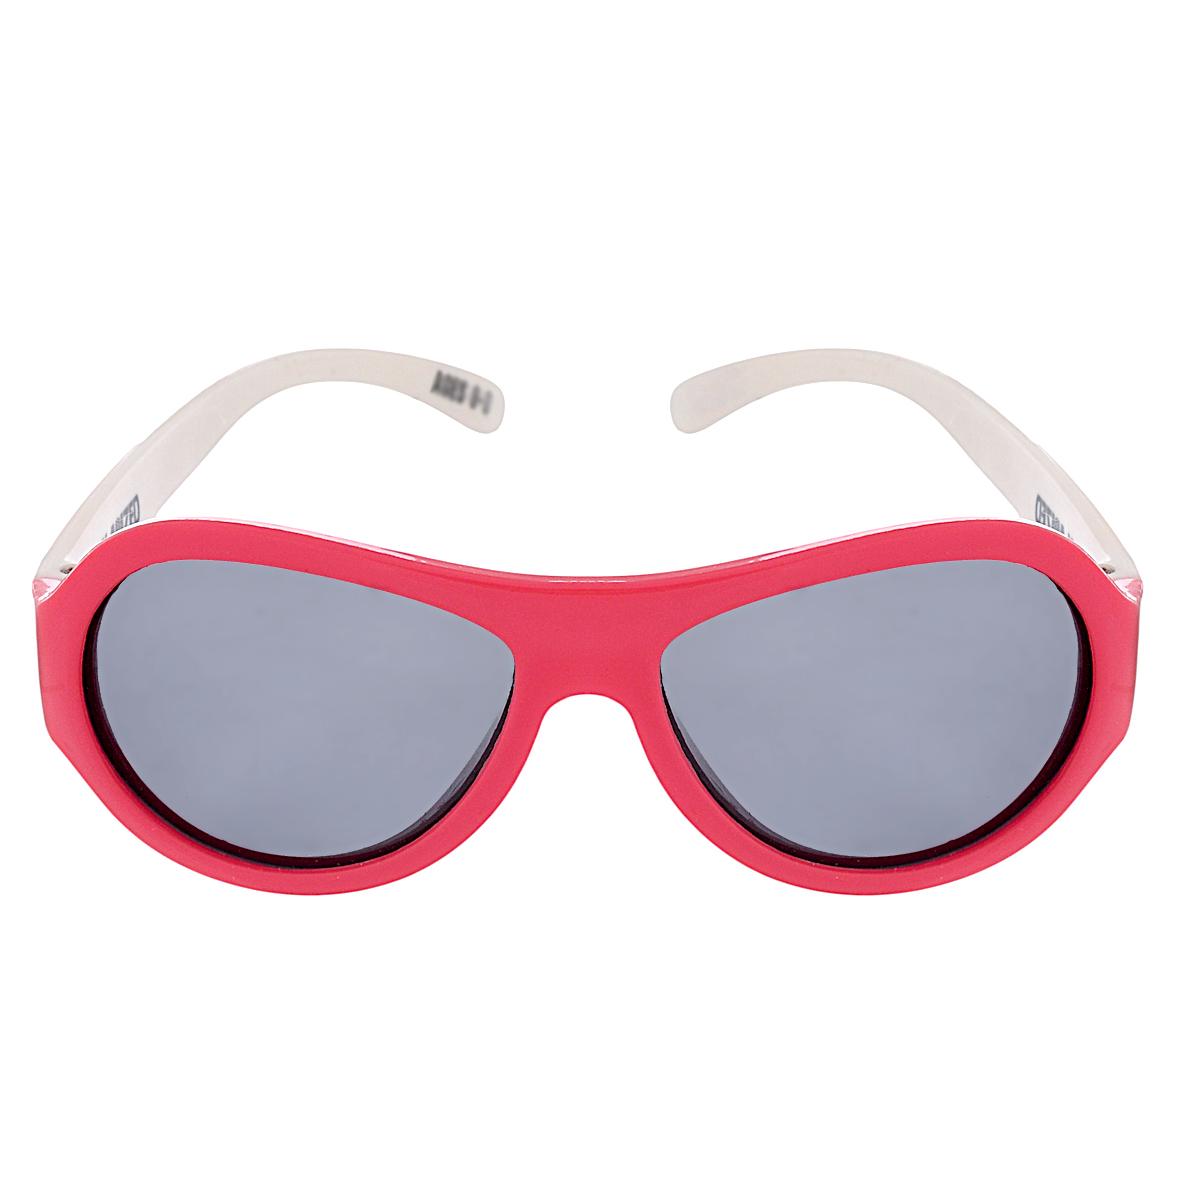 Детские солнцезащитные очки Babiators Звёздочки (Lucky Stars), поляризационные, с футляром, цвет: красный, белый, 0-3 летBAB-055Защита глаз всегда в моде. Вы делаете все возможное, чтобы ваши дети были здоровы и в безопасности. Шлемы для езды на велосипеде, солнцезащитный крем для прогулок на солнце... Но как насчёт влияния солнца на глазах вашего ребёнка? Правда в том, что сетчатка глаза у детей развивается вместе с самим ребёнком. Это означает, что глаза малышей не могут отфильтровать УФ-излучение. Добавьте к этому тот факт, что дети за год получают трёхкратную дозу солнечного воздействия на взрослого человека (доклад Vision Council Report 2013, США). Проблема понятна - детям нужна настоящая защита, чтобы глазки были в безопасности, а зрение сильным. Каждая пара солнцезащитных очков Babiators для детей обеспечивает 100% защиту от UVA и UVB. Прочные линзы высшего качества не подведут в самых сложных переделках. В отличие от обычных пластиковых очков, оправа Babiators выполнена из гибкого прорезиненного материала, что делает их ударопрочными, их можно сгибать и крутить - они не сломаются и вернутся в...